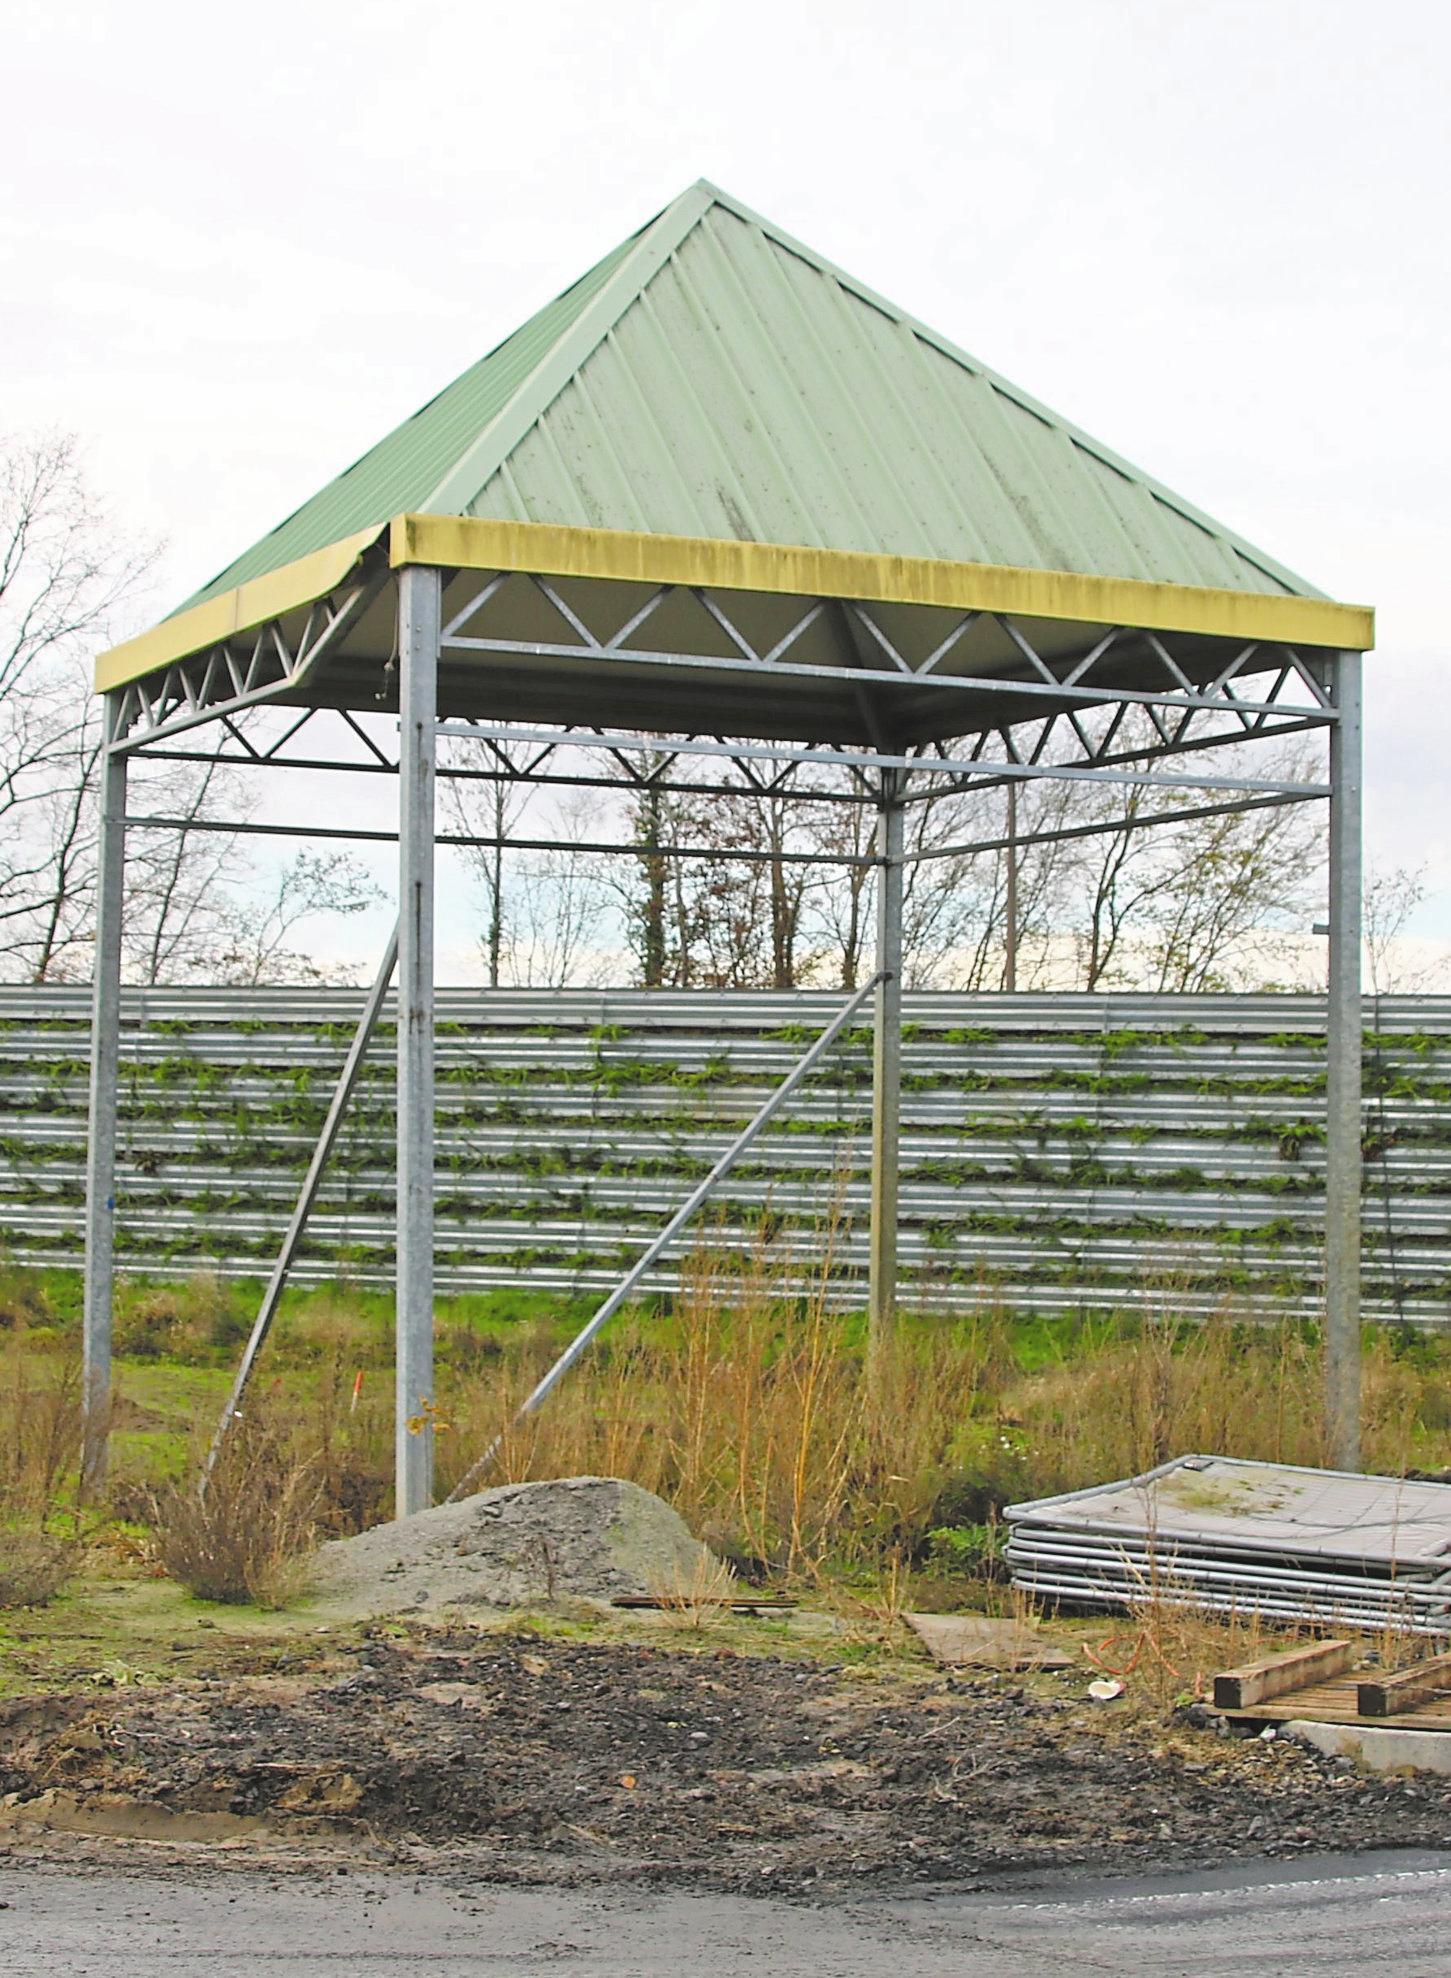 Das markante grüne Gärtnereidach steht noch – als Symbol für die Namensgeberin des Baugebiets